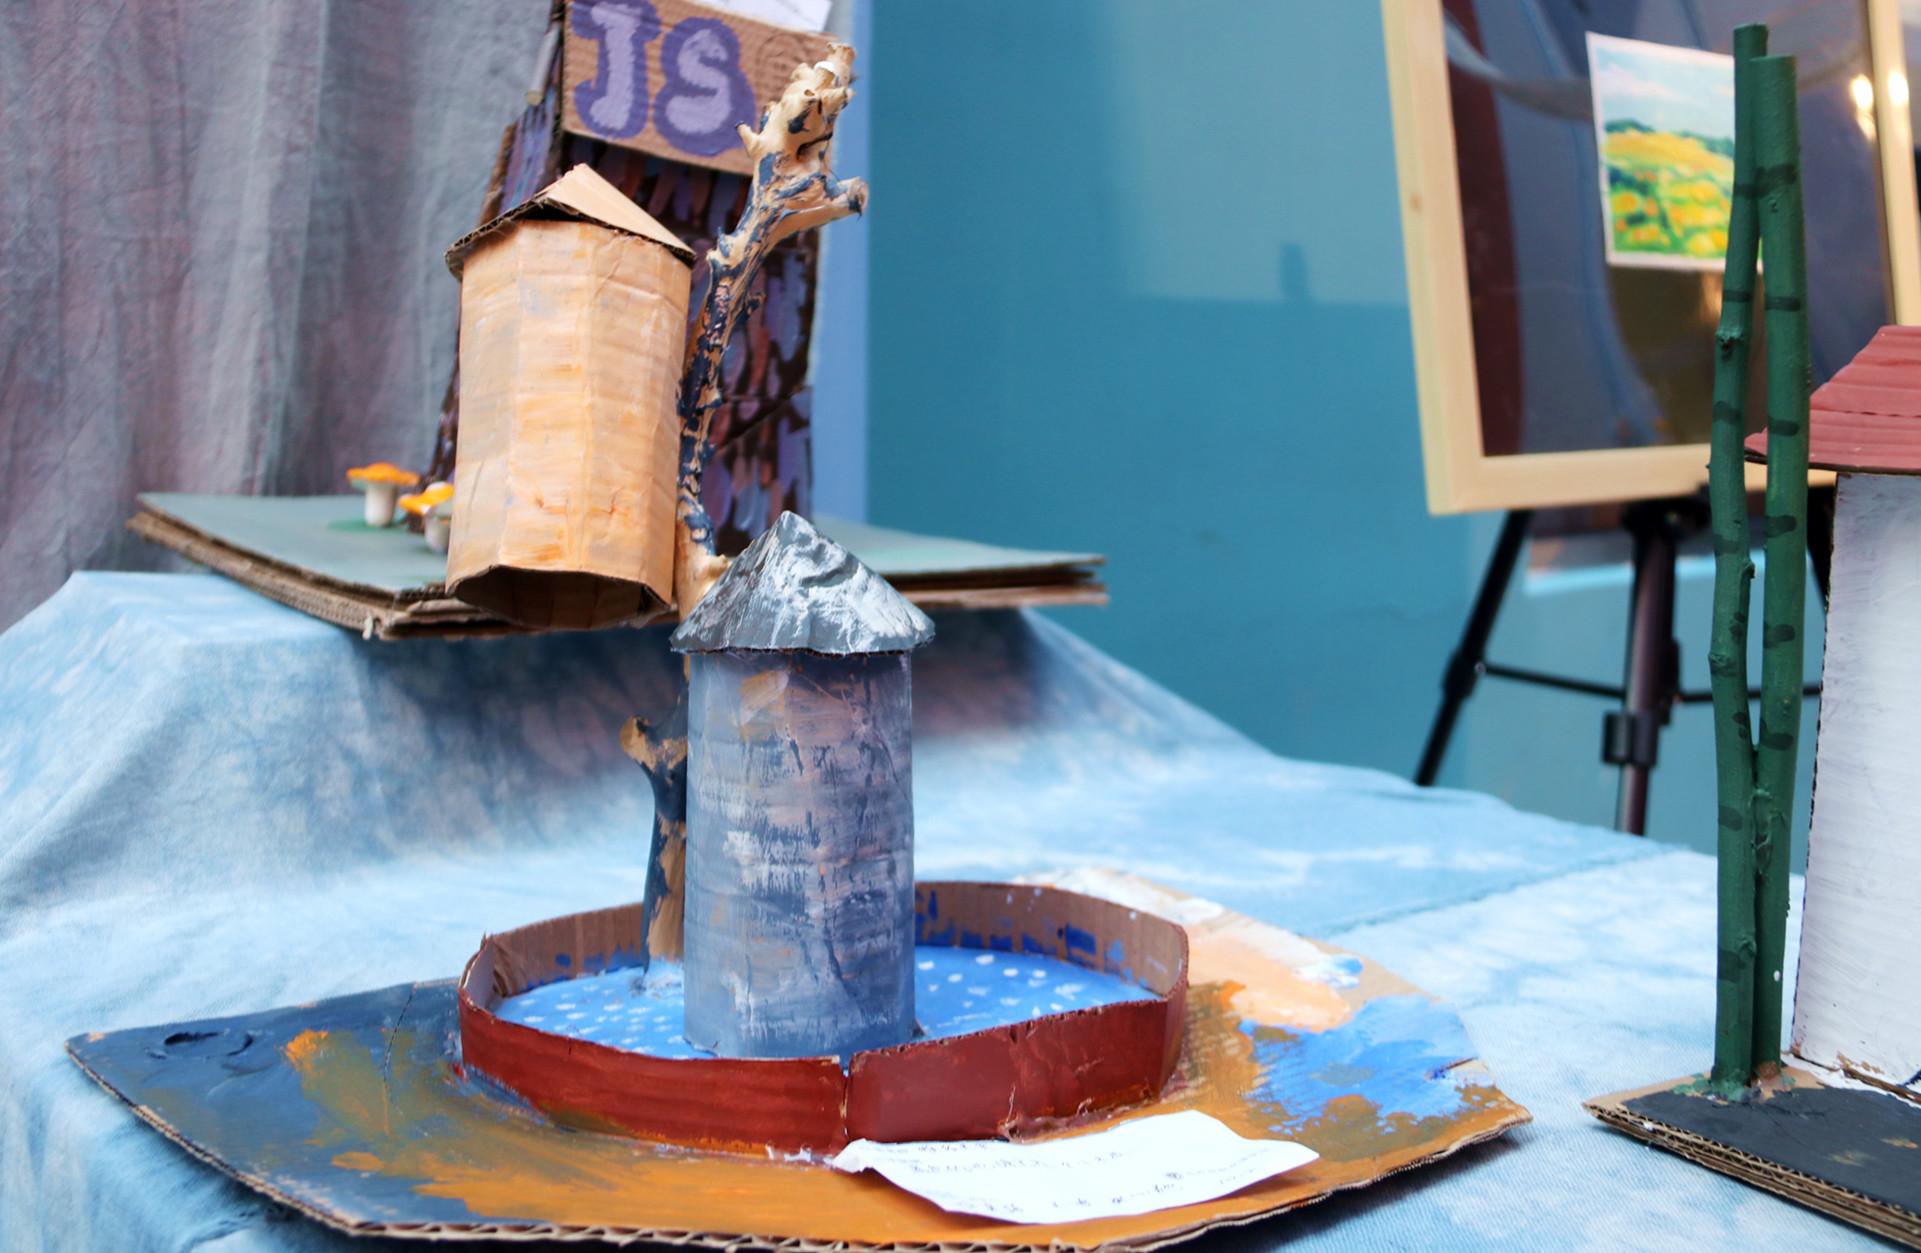 艺术节作品展 |刷新感官的艺术豪华盛宴,感受着一次全新的沉浸式体验